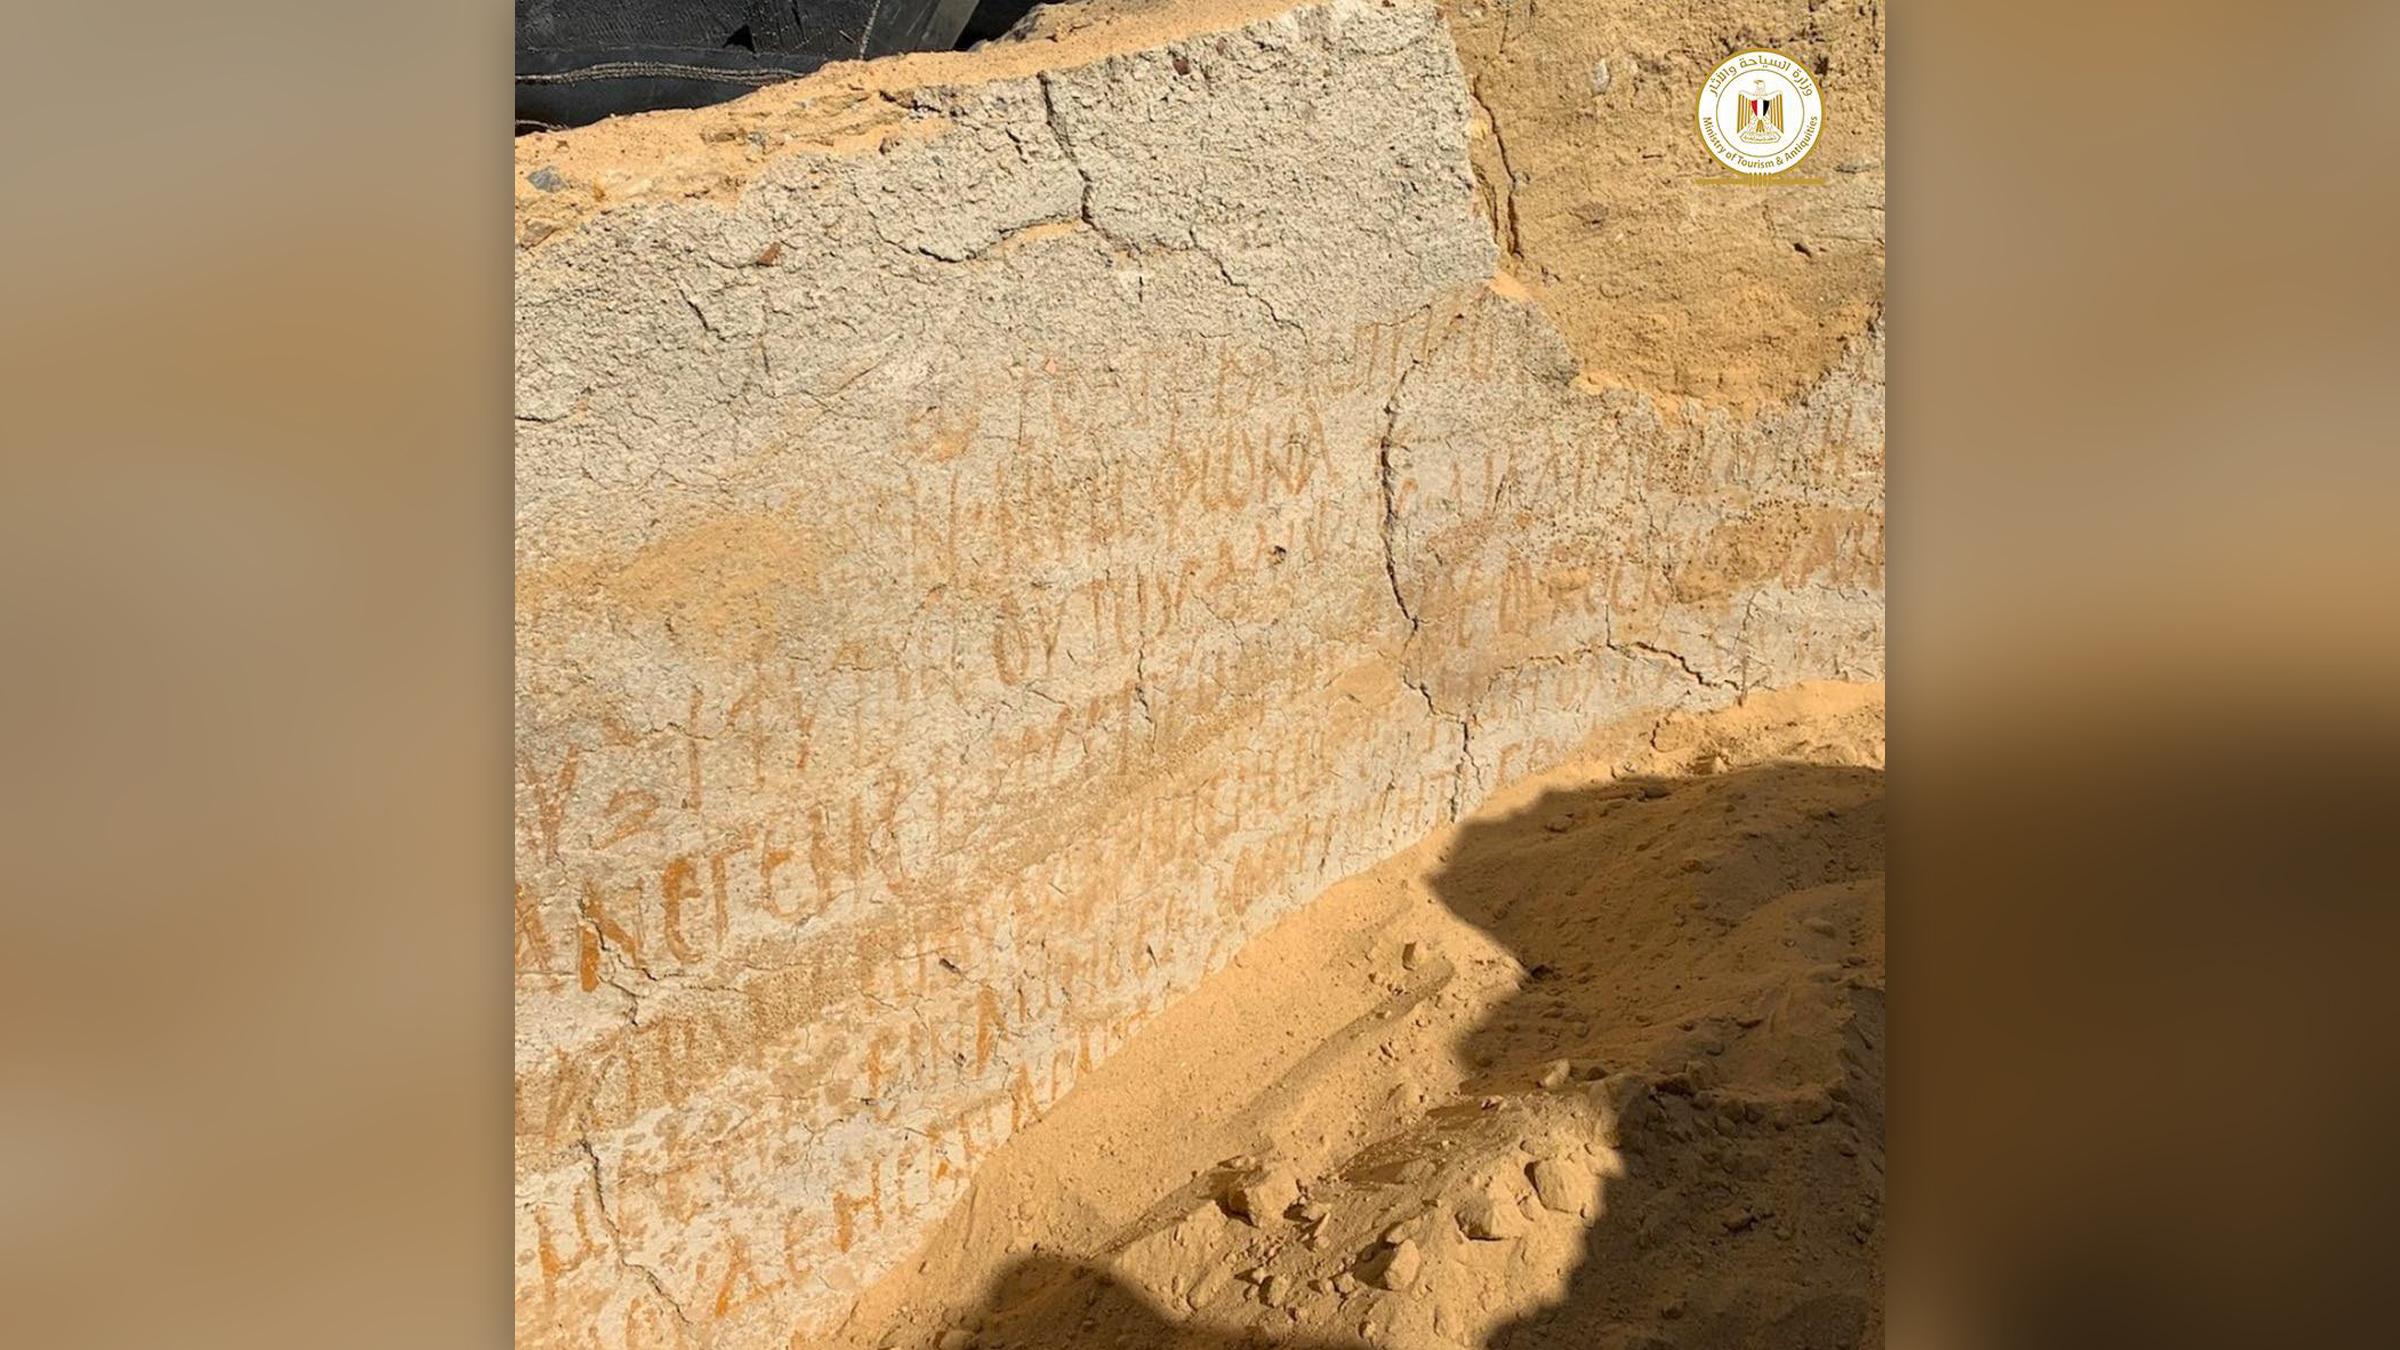 Les graffitis, écrits en grec à l'encre jaune, comprenaient des passages de la Bible.